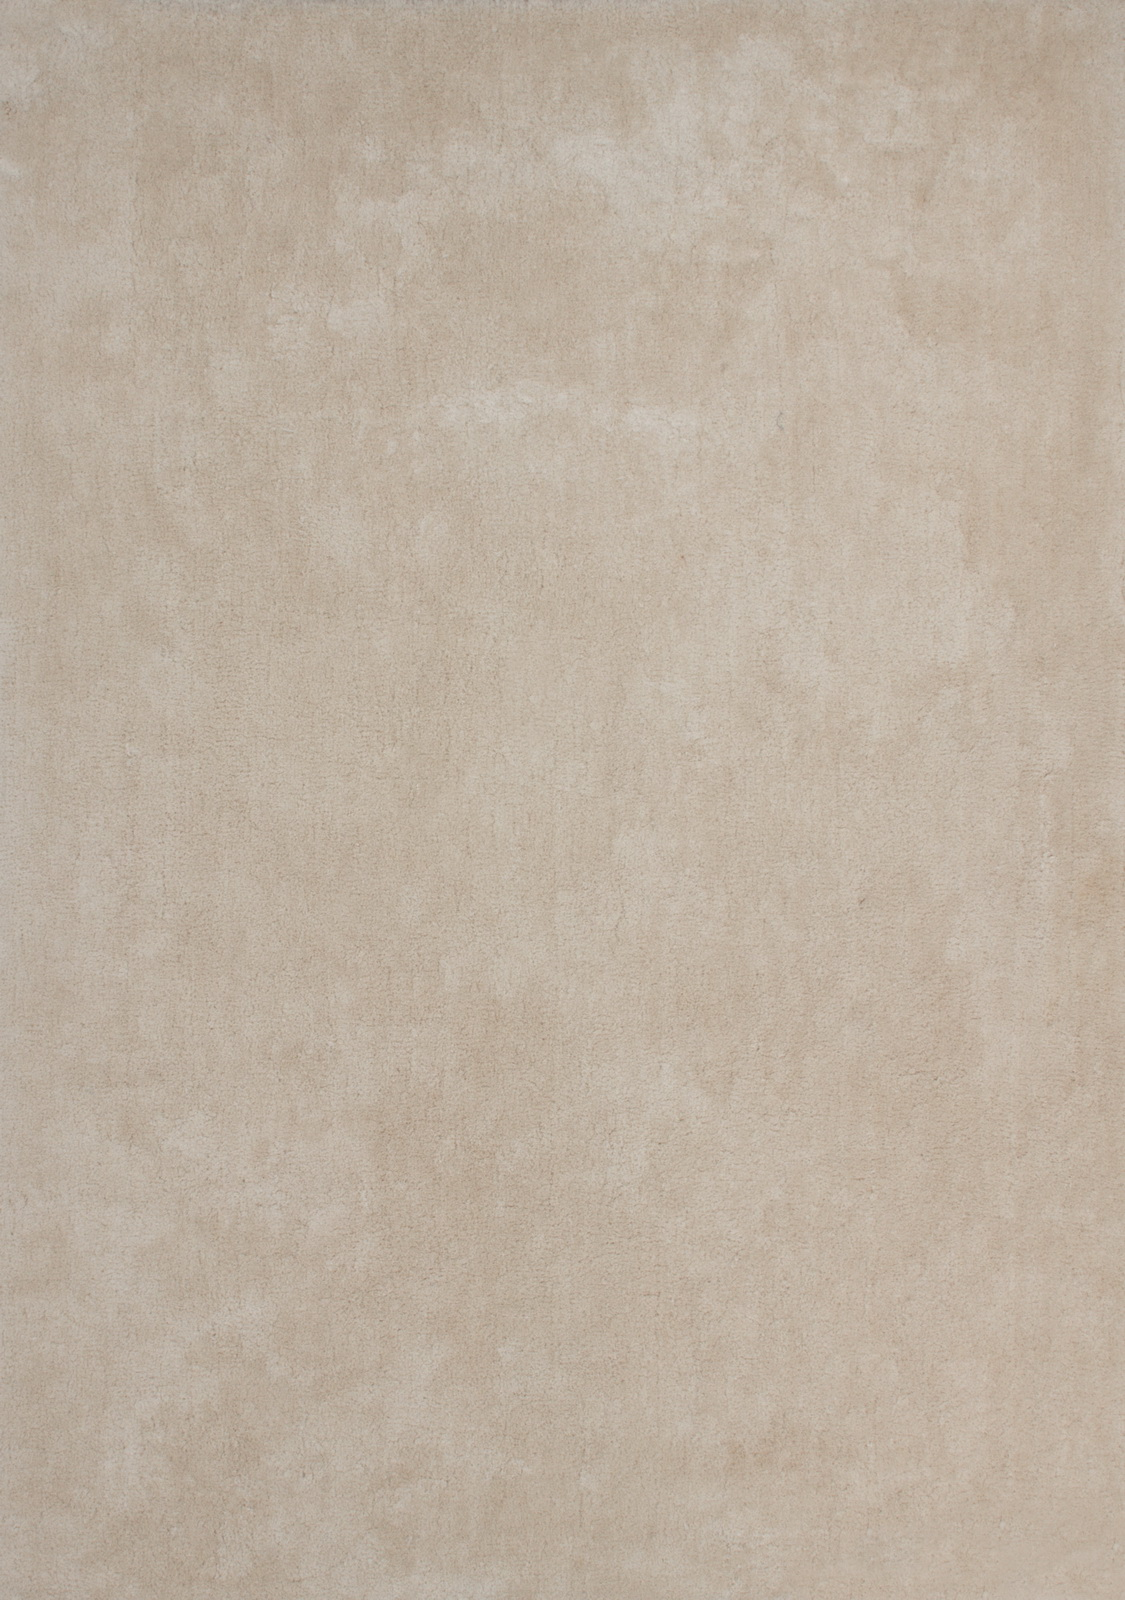 Ručne všívaný koberec - Lalee - Velvet 500 Ivory. Akcia -14%. Sme autorizovaný predajca Lalee. Vlastná spoľahlivá doprava až k Vám domov.